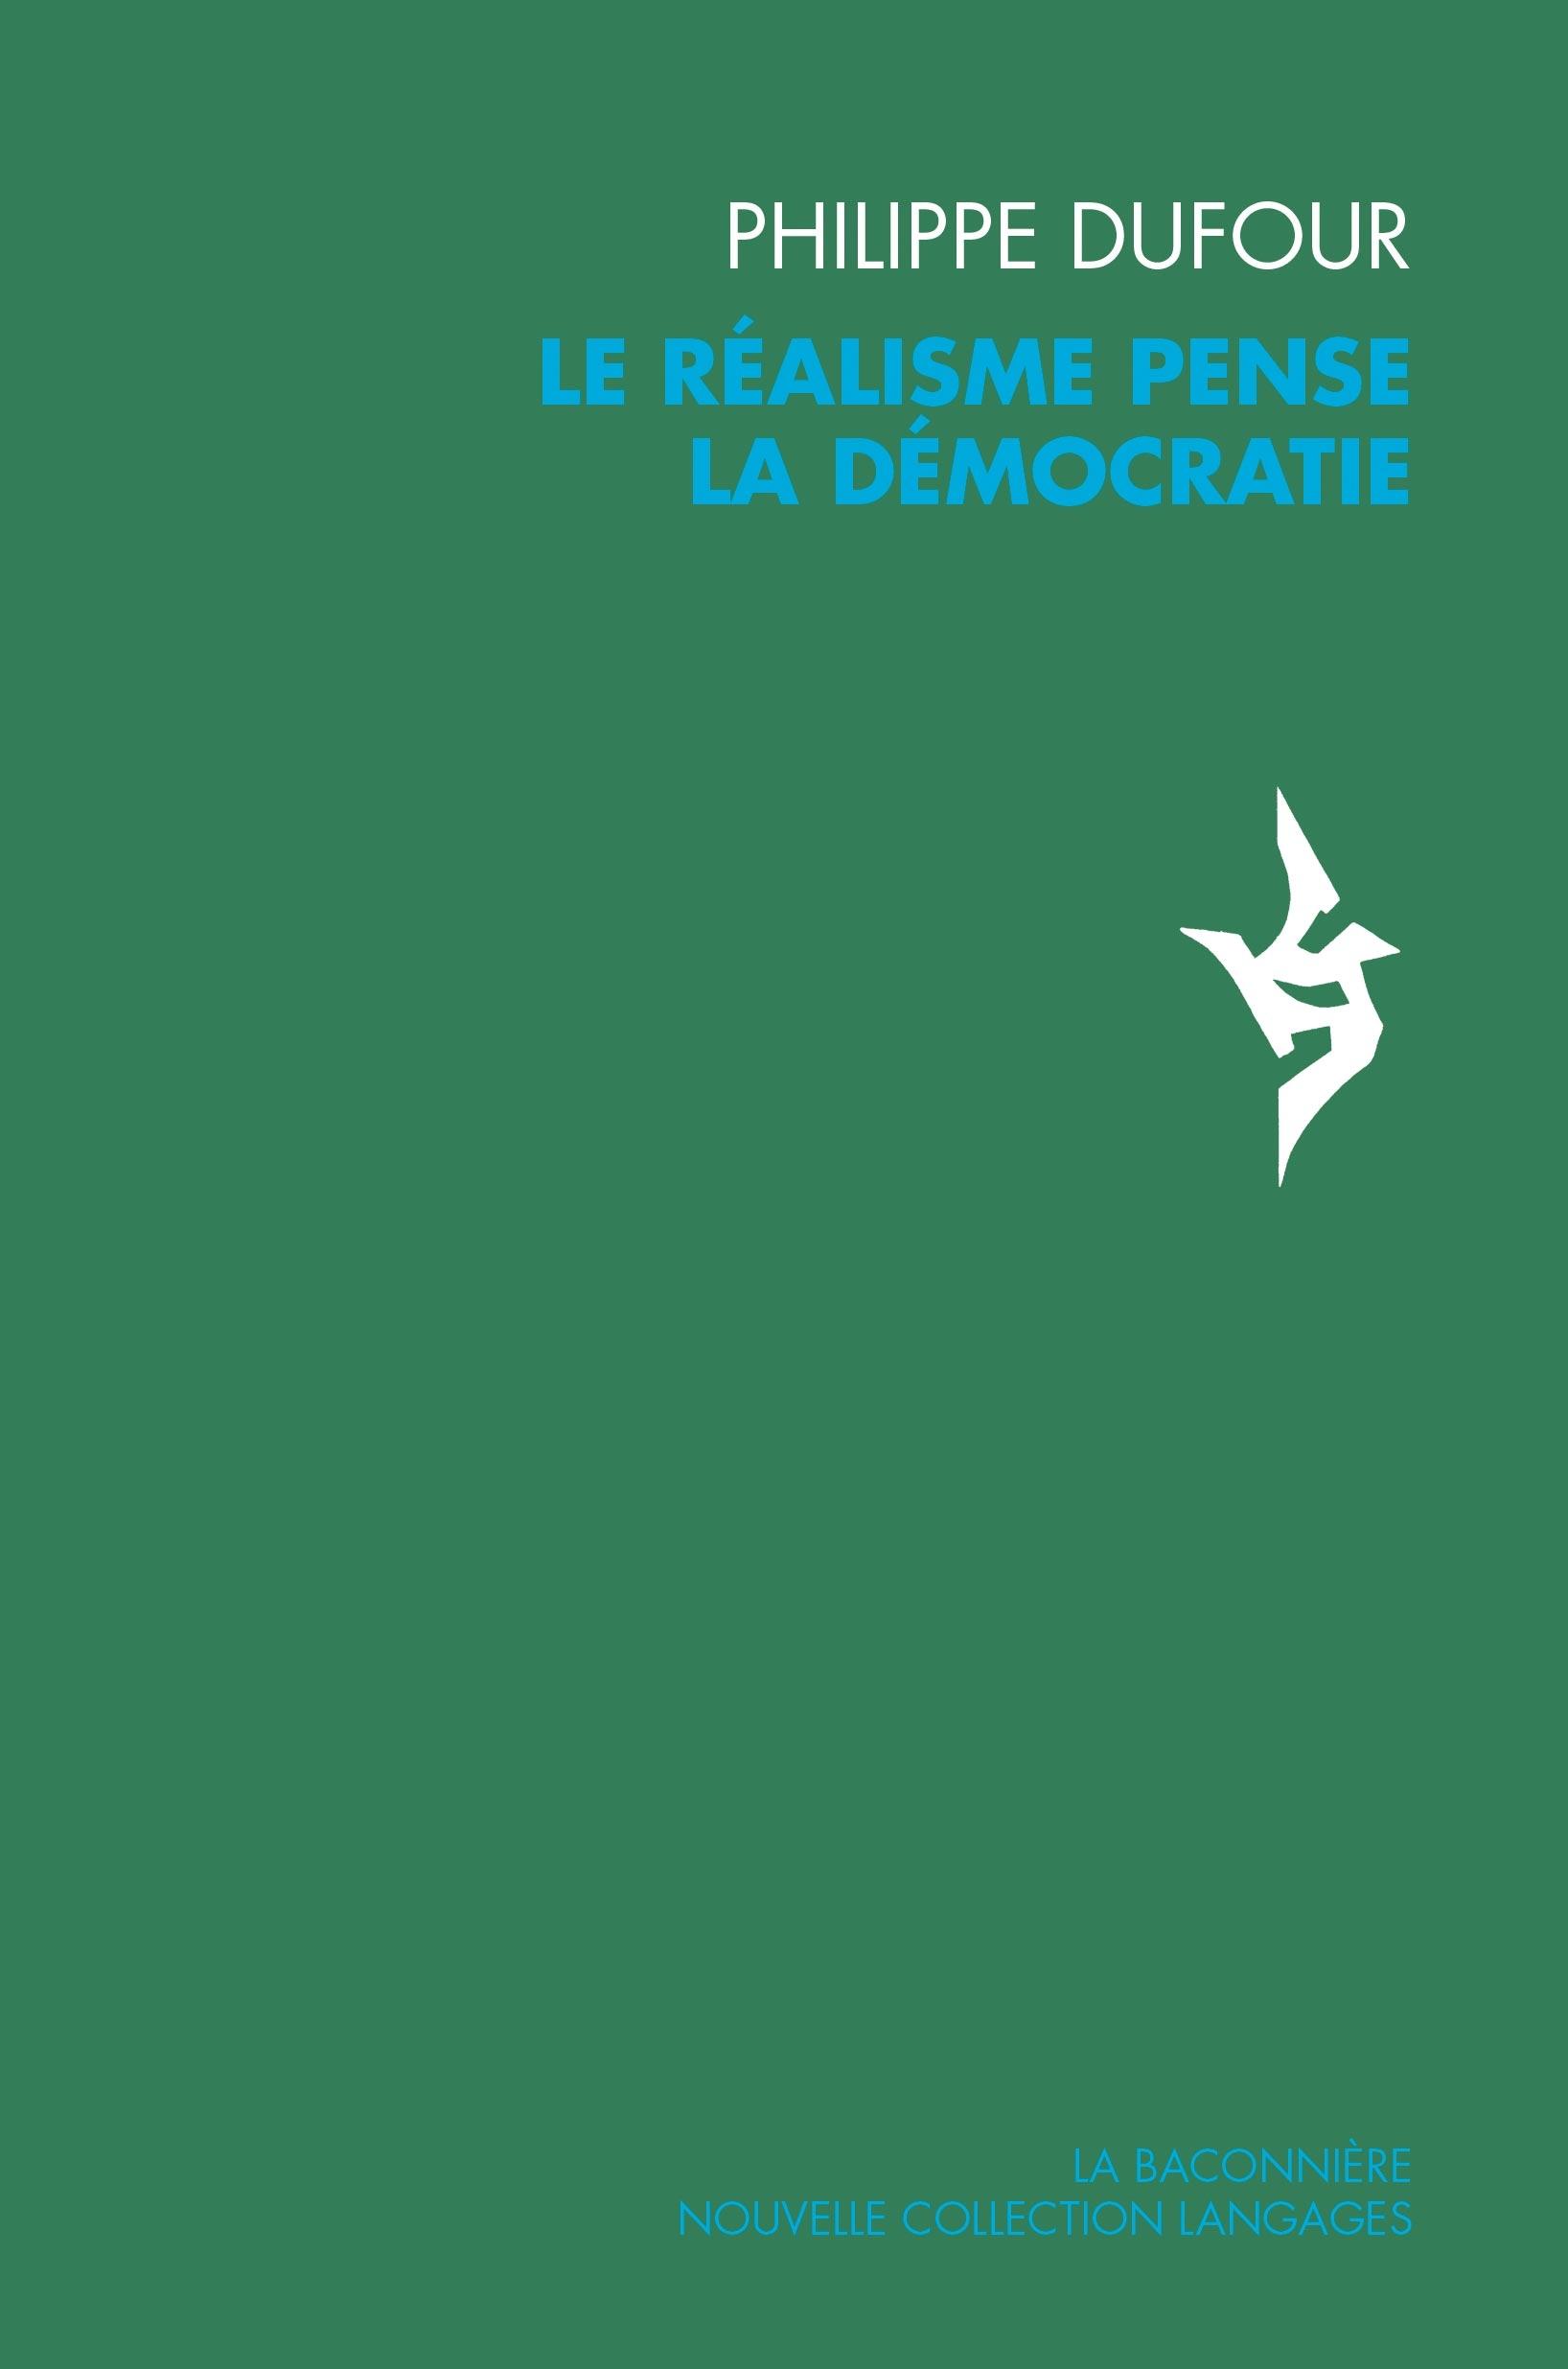 Ph. Dufour, Le réalisme pense la démocratie